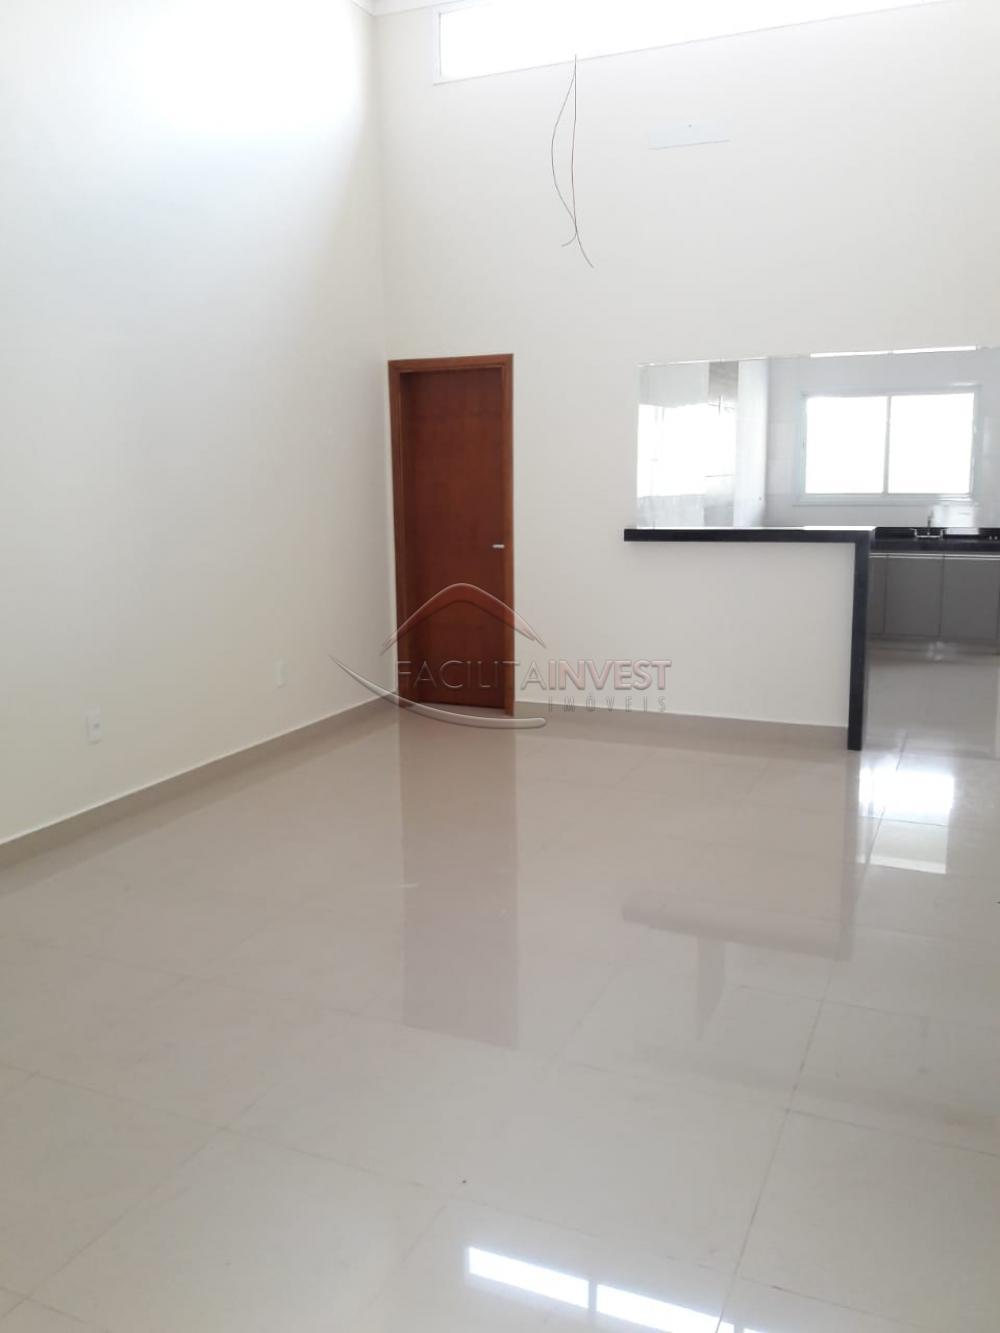 Comprar Casa Condomínio / Casa Condomínio em Ribeirão Preto apenas R$ 550.000,00 - Foto 4